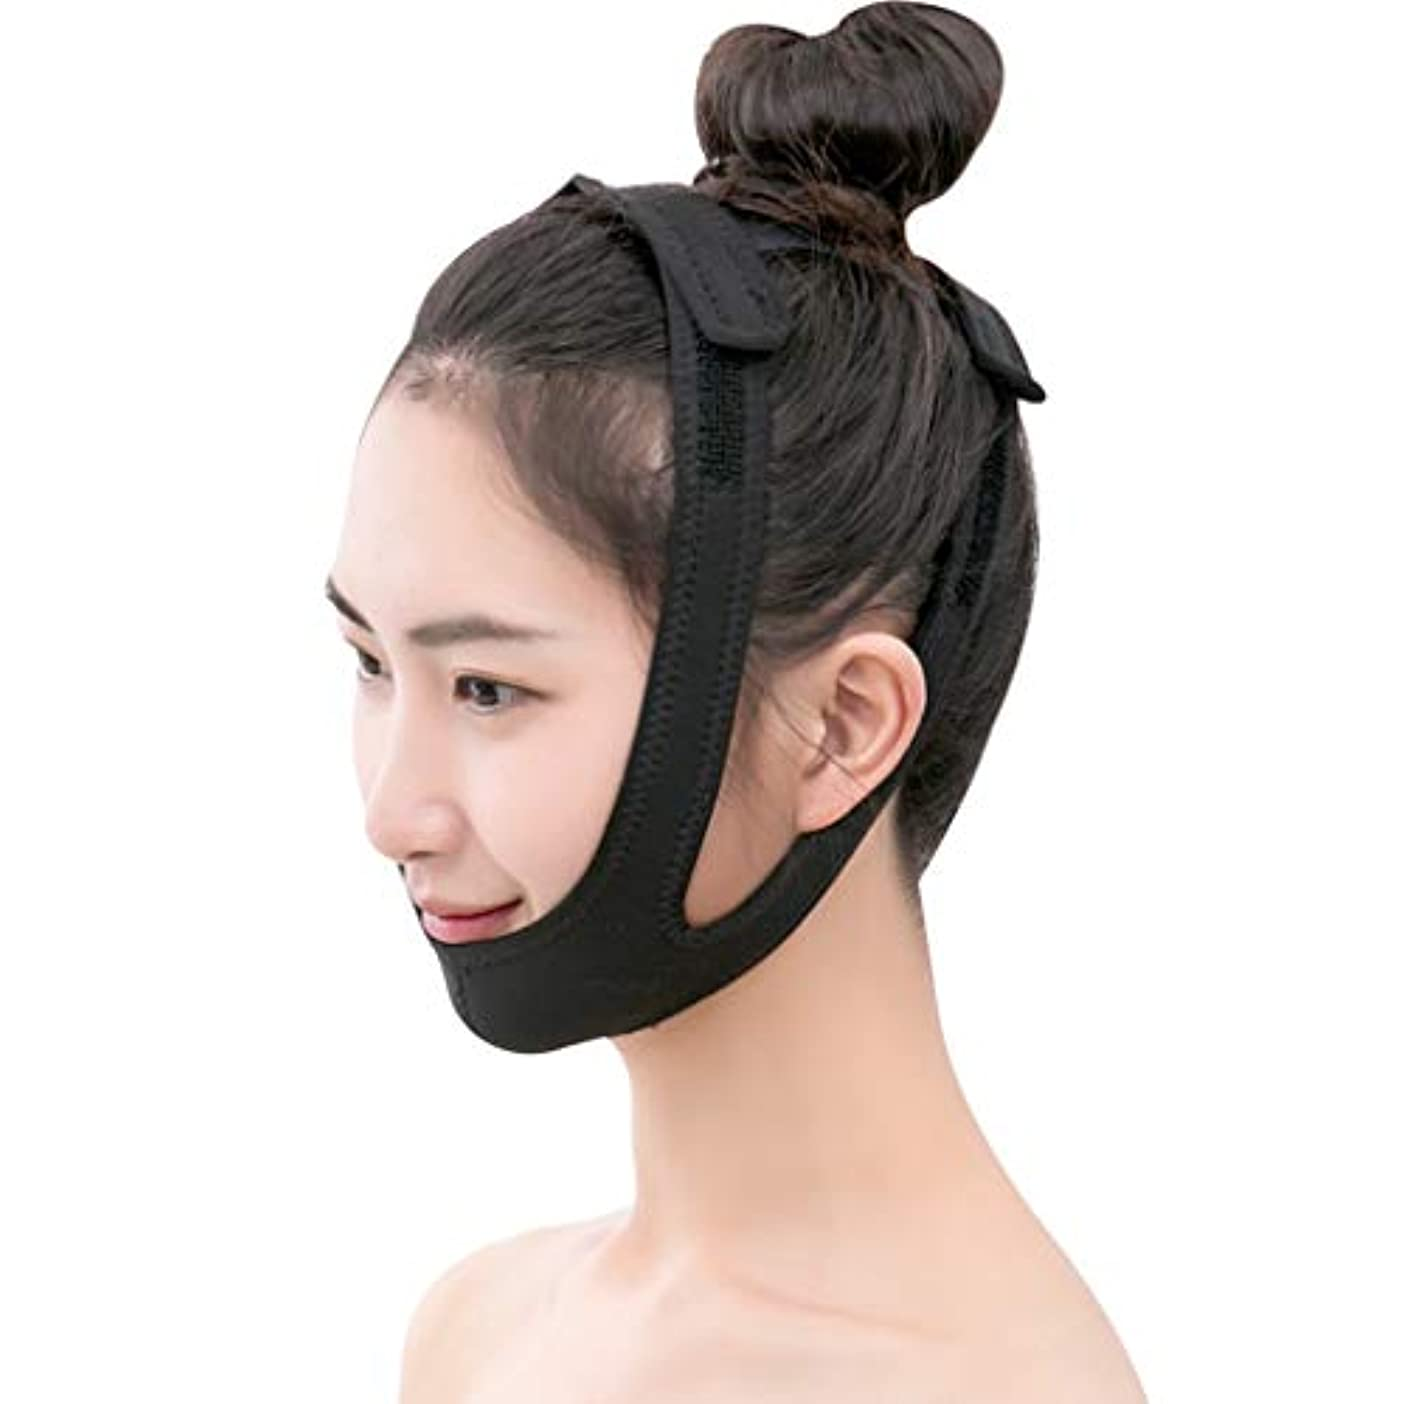 高さ感染する退屈させる顔リフト手術回復ライン彫刻顔リフト顔のリフト v 顔睡眠マスク